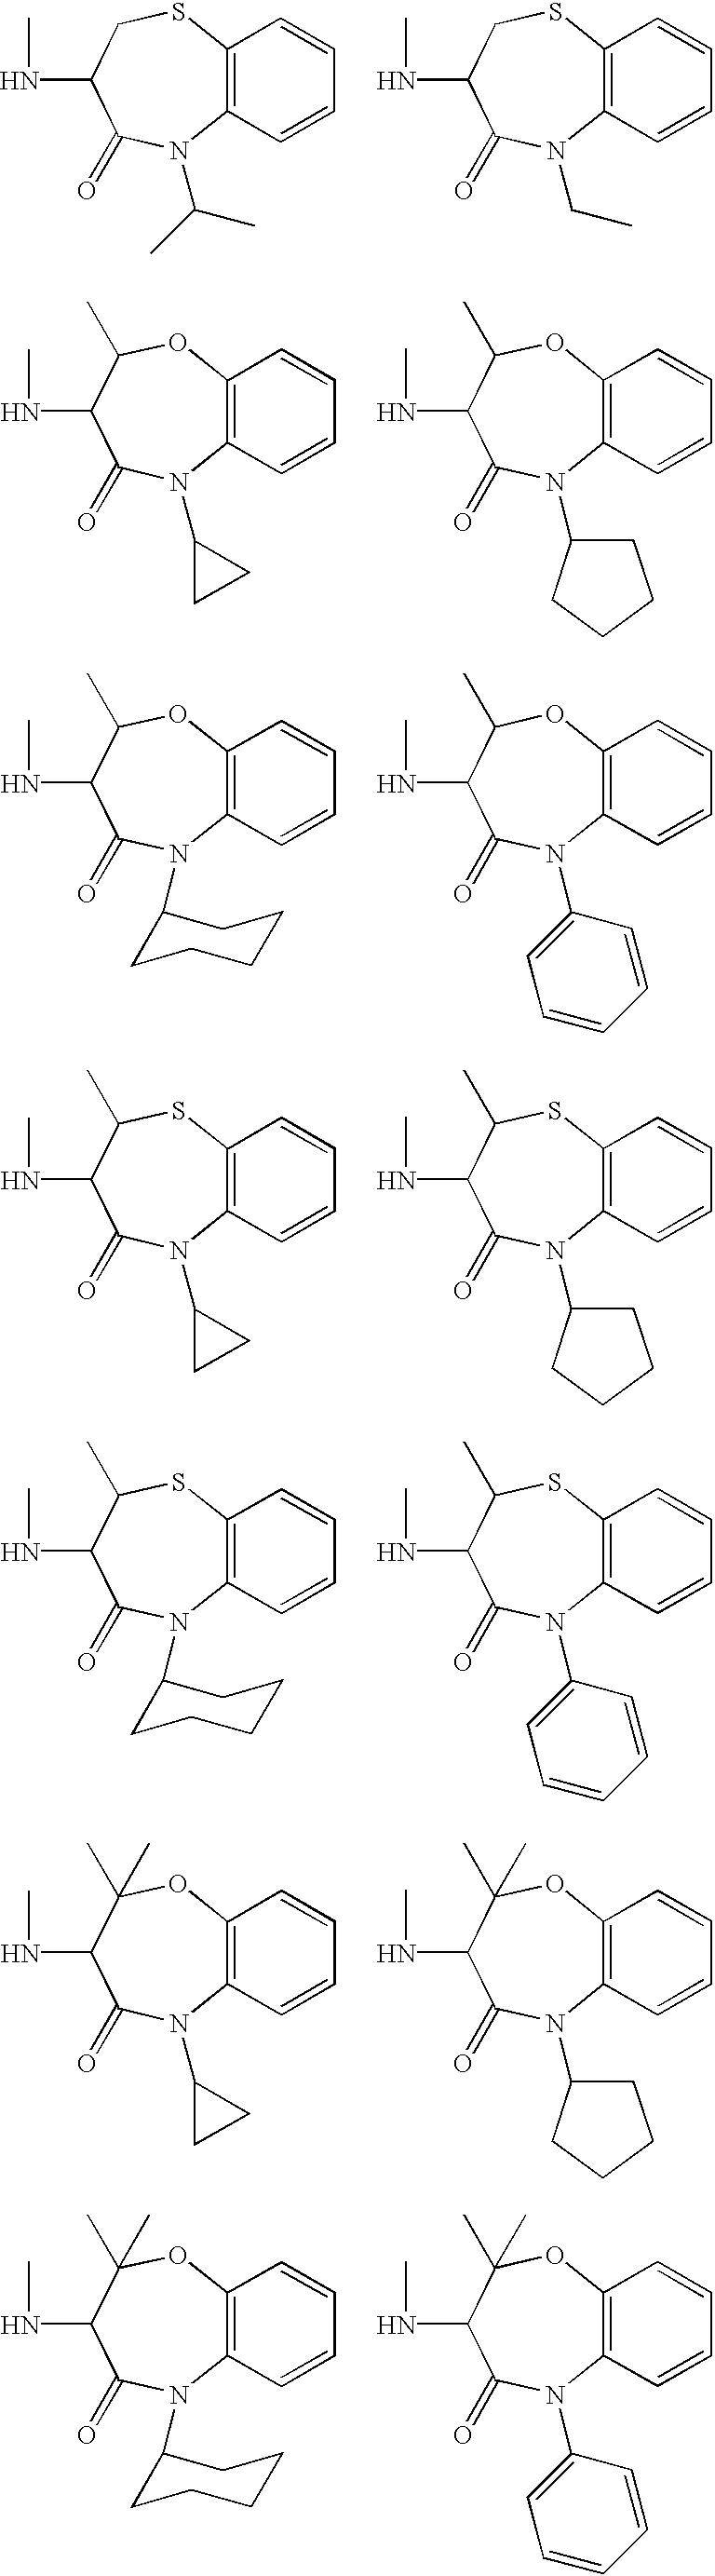 Figure US06509331-20030121-C00042